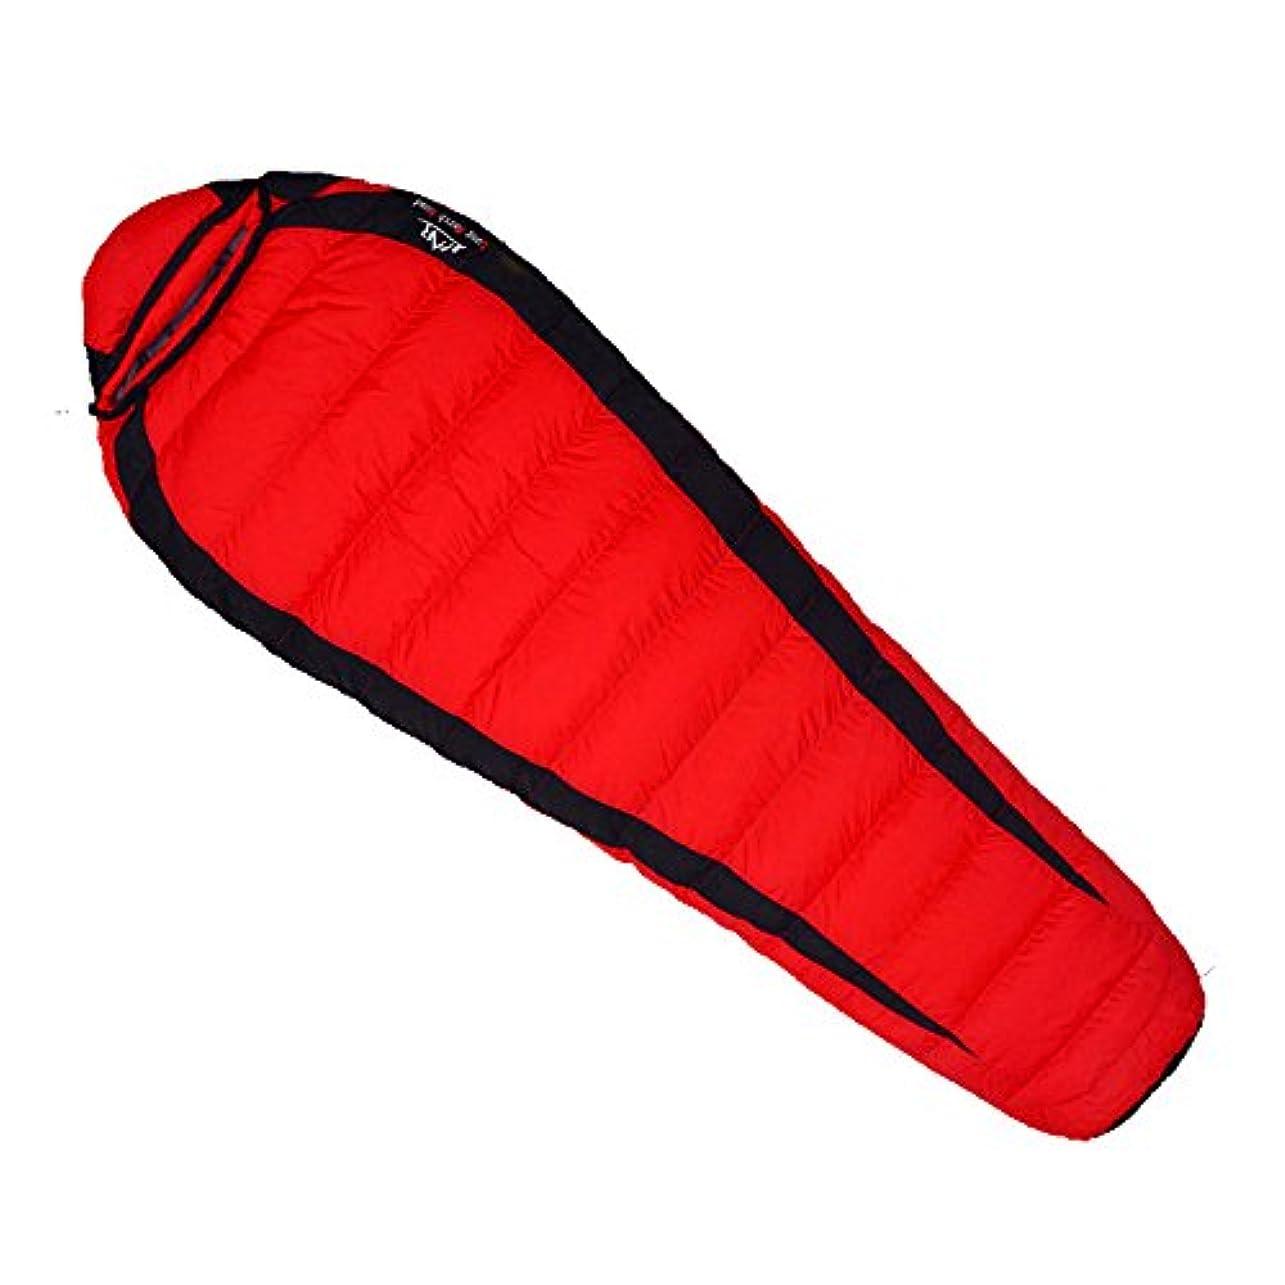 ダイヤモンドマニア病弱Waterly 屋外のキャンプのための通気性の防湿弾性伸縮性のある寝袋を厚くする帽子の寝袋が付いている携帯用暖かい寝袋 顧客に愛されて